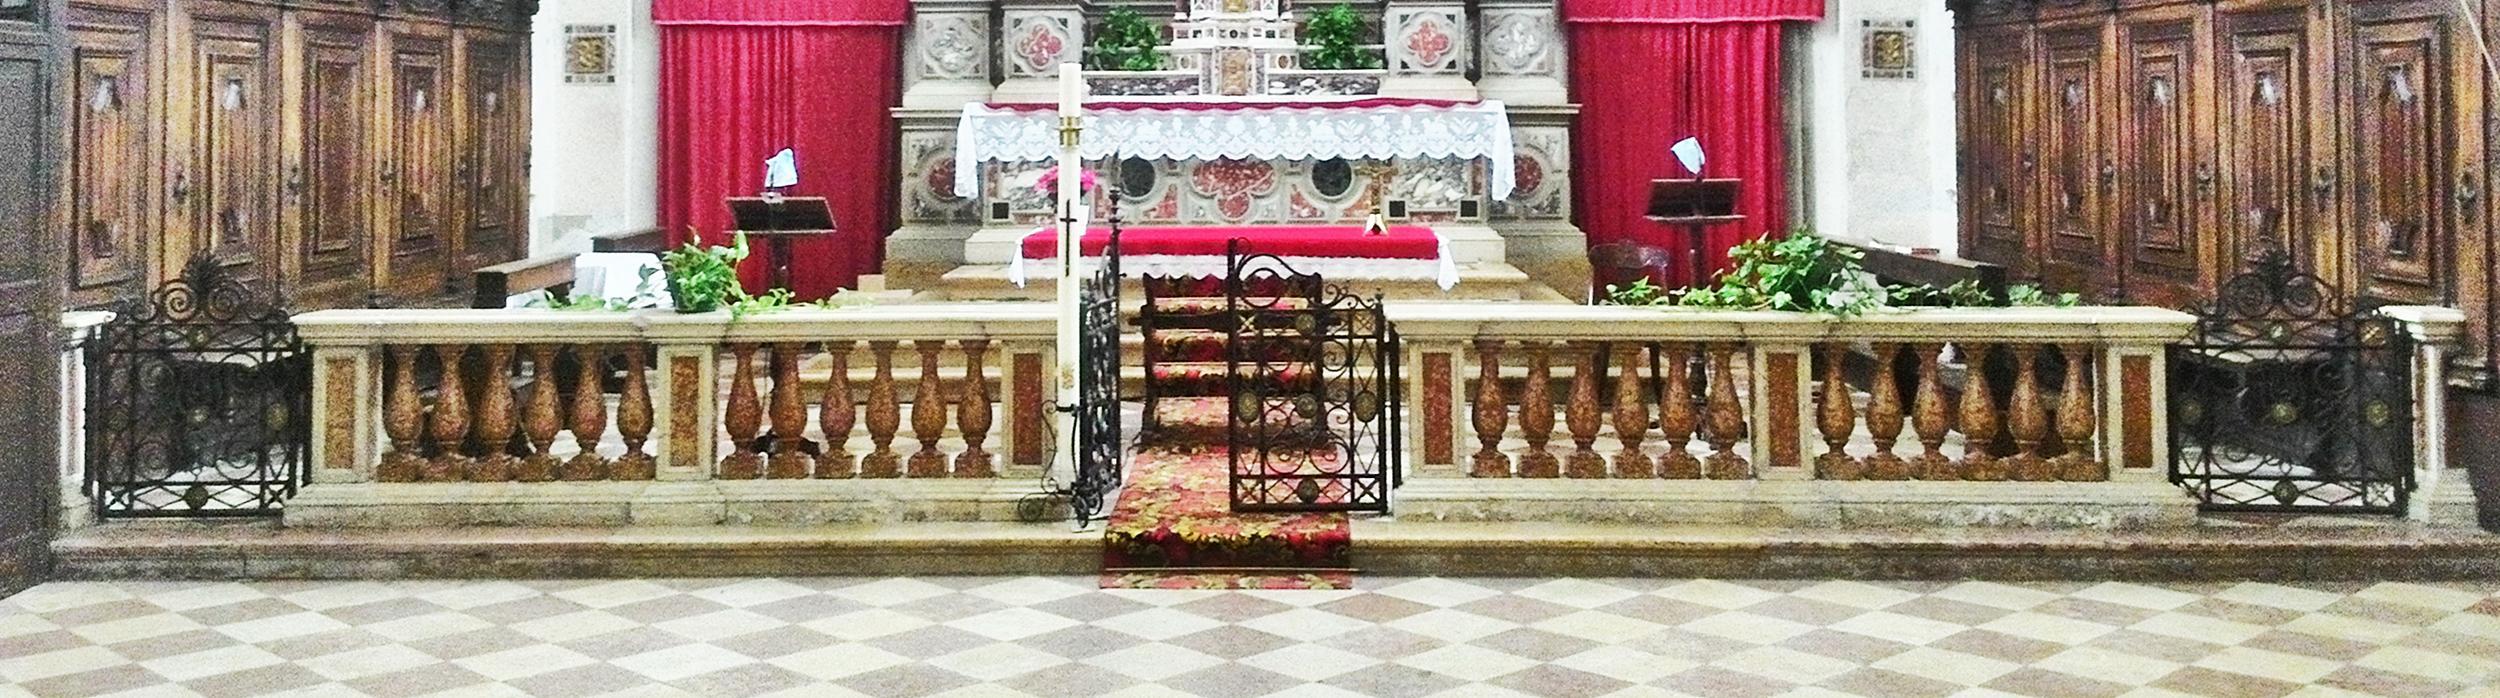 Balaustra della vecchia chiesa di Battaglia Terme.